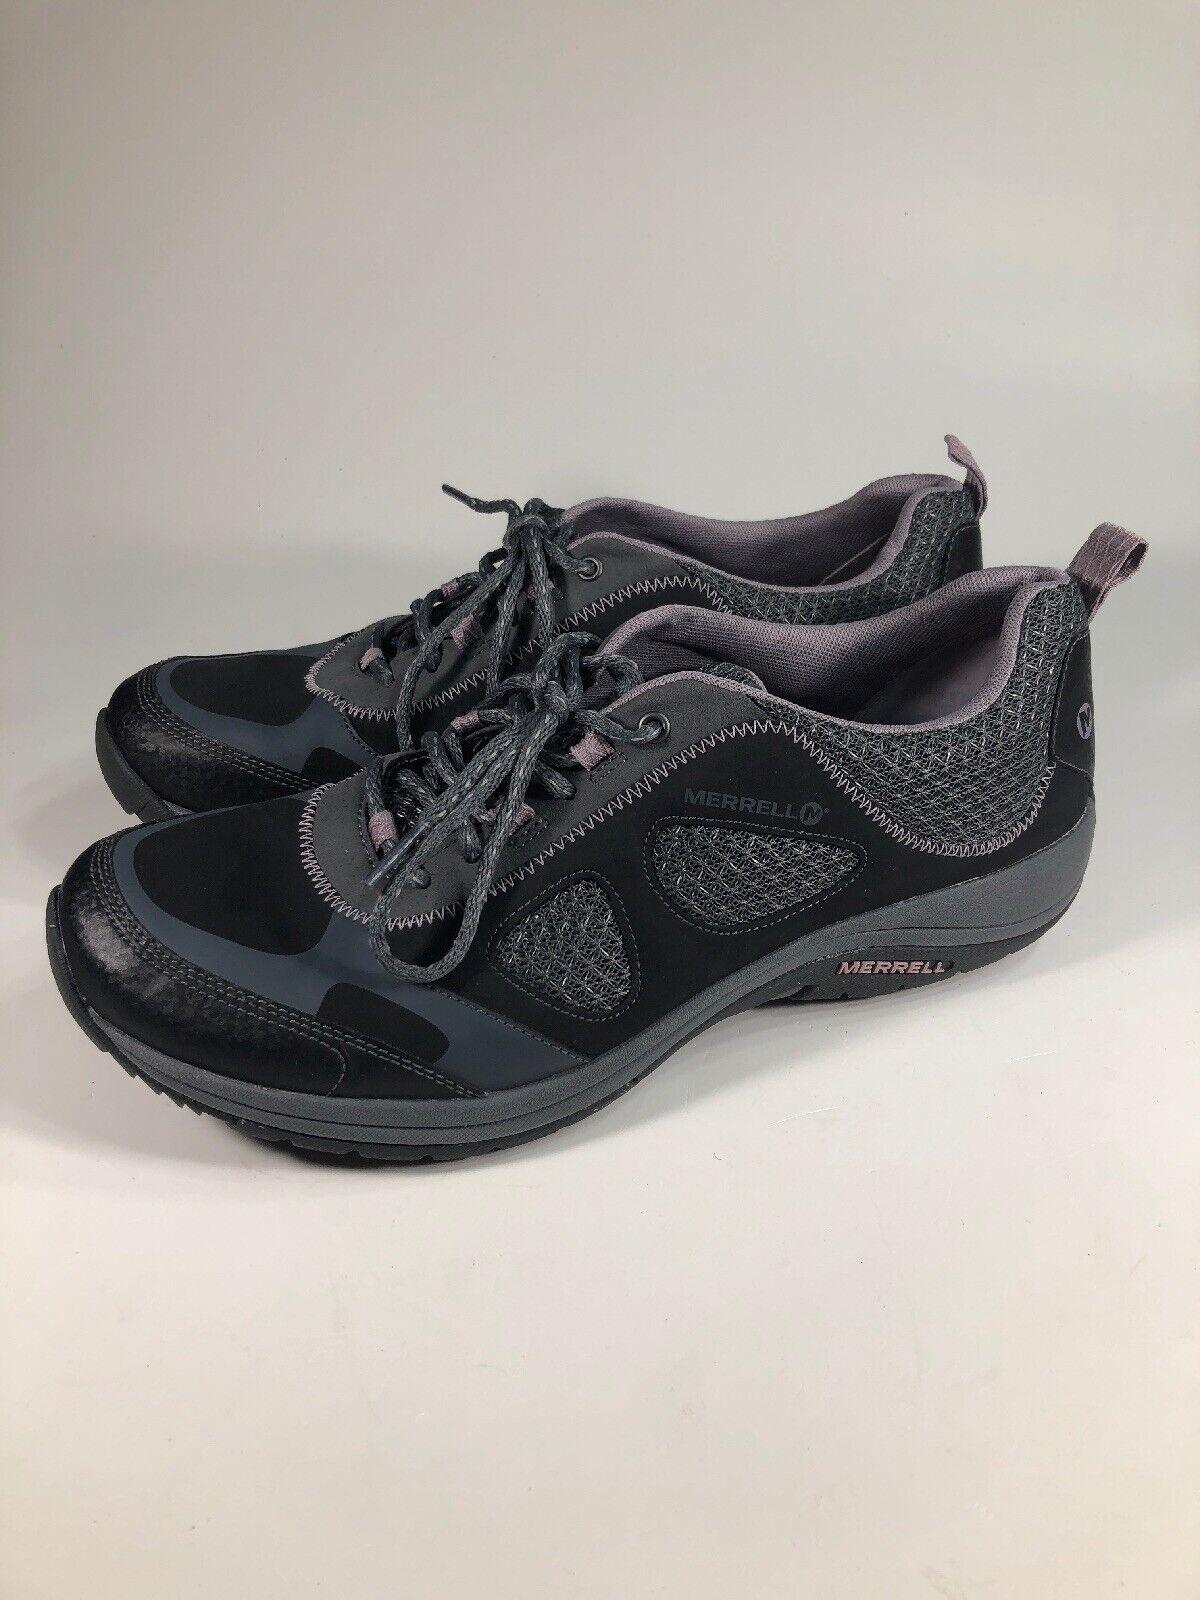 Merrell niebla de mar Morado  Negro Zapatos para caminar para senderismo y andina para mujer Talla 11 M  comprar ahora